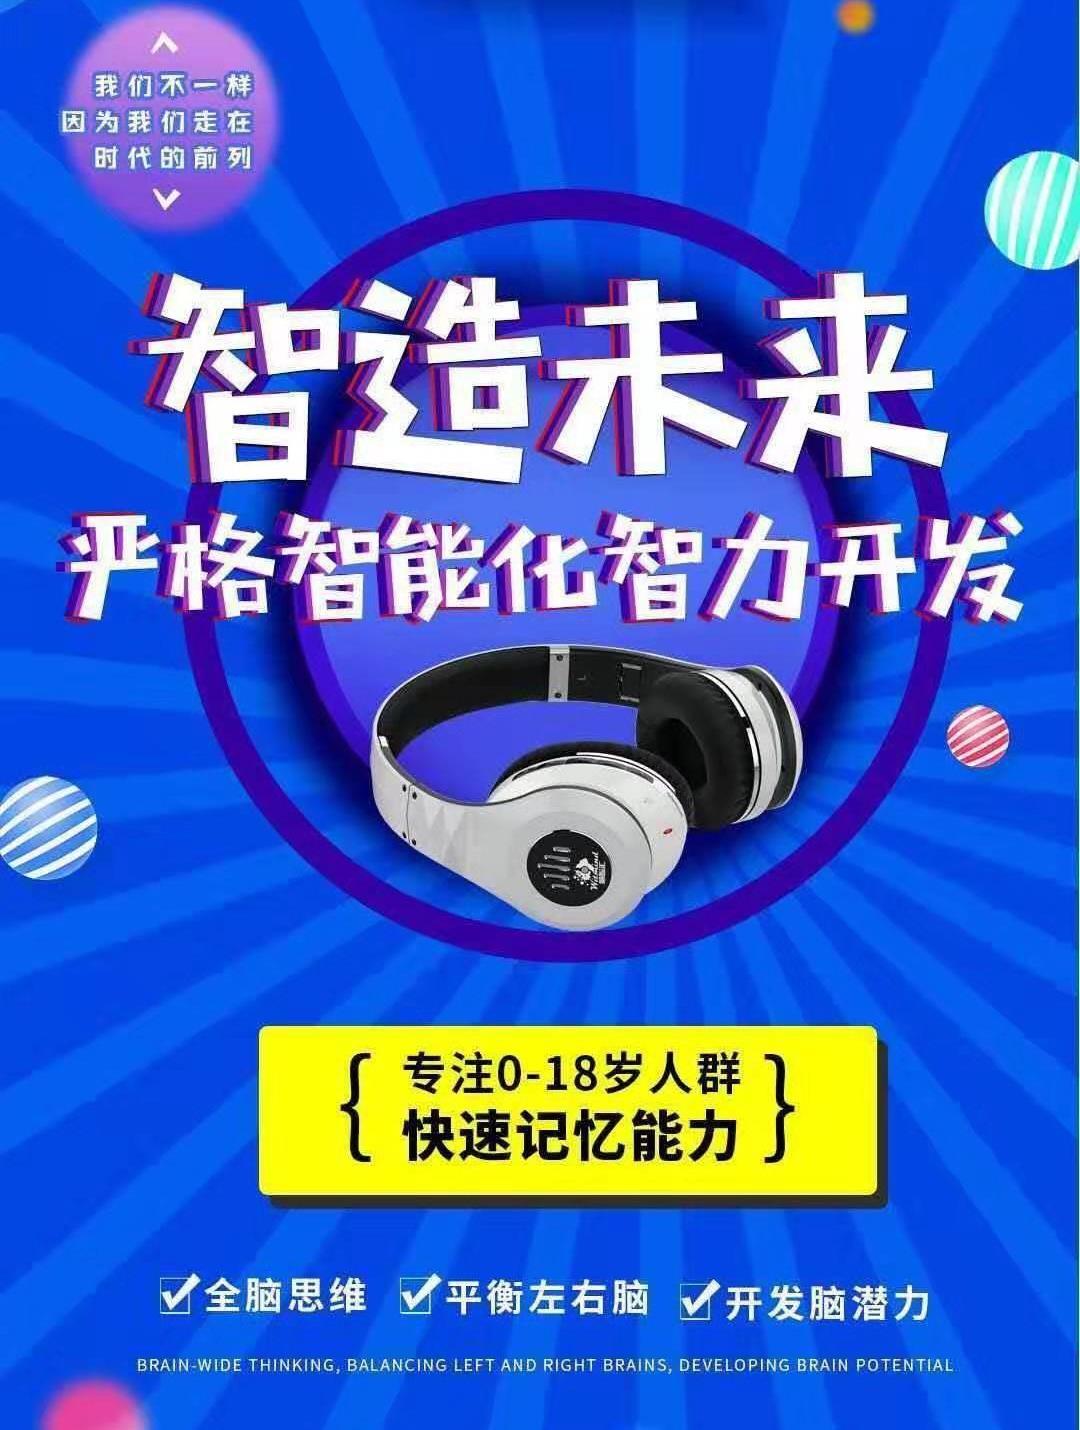 【秘】脑科学开智机官网微信(西藏)